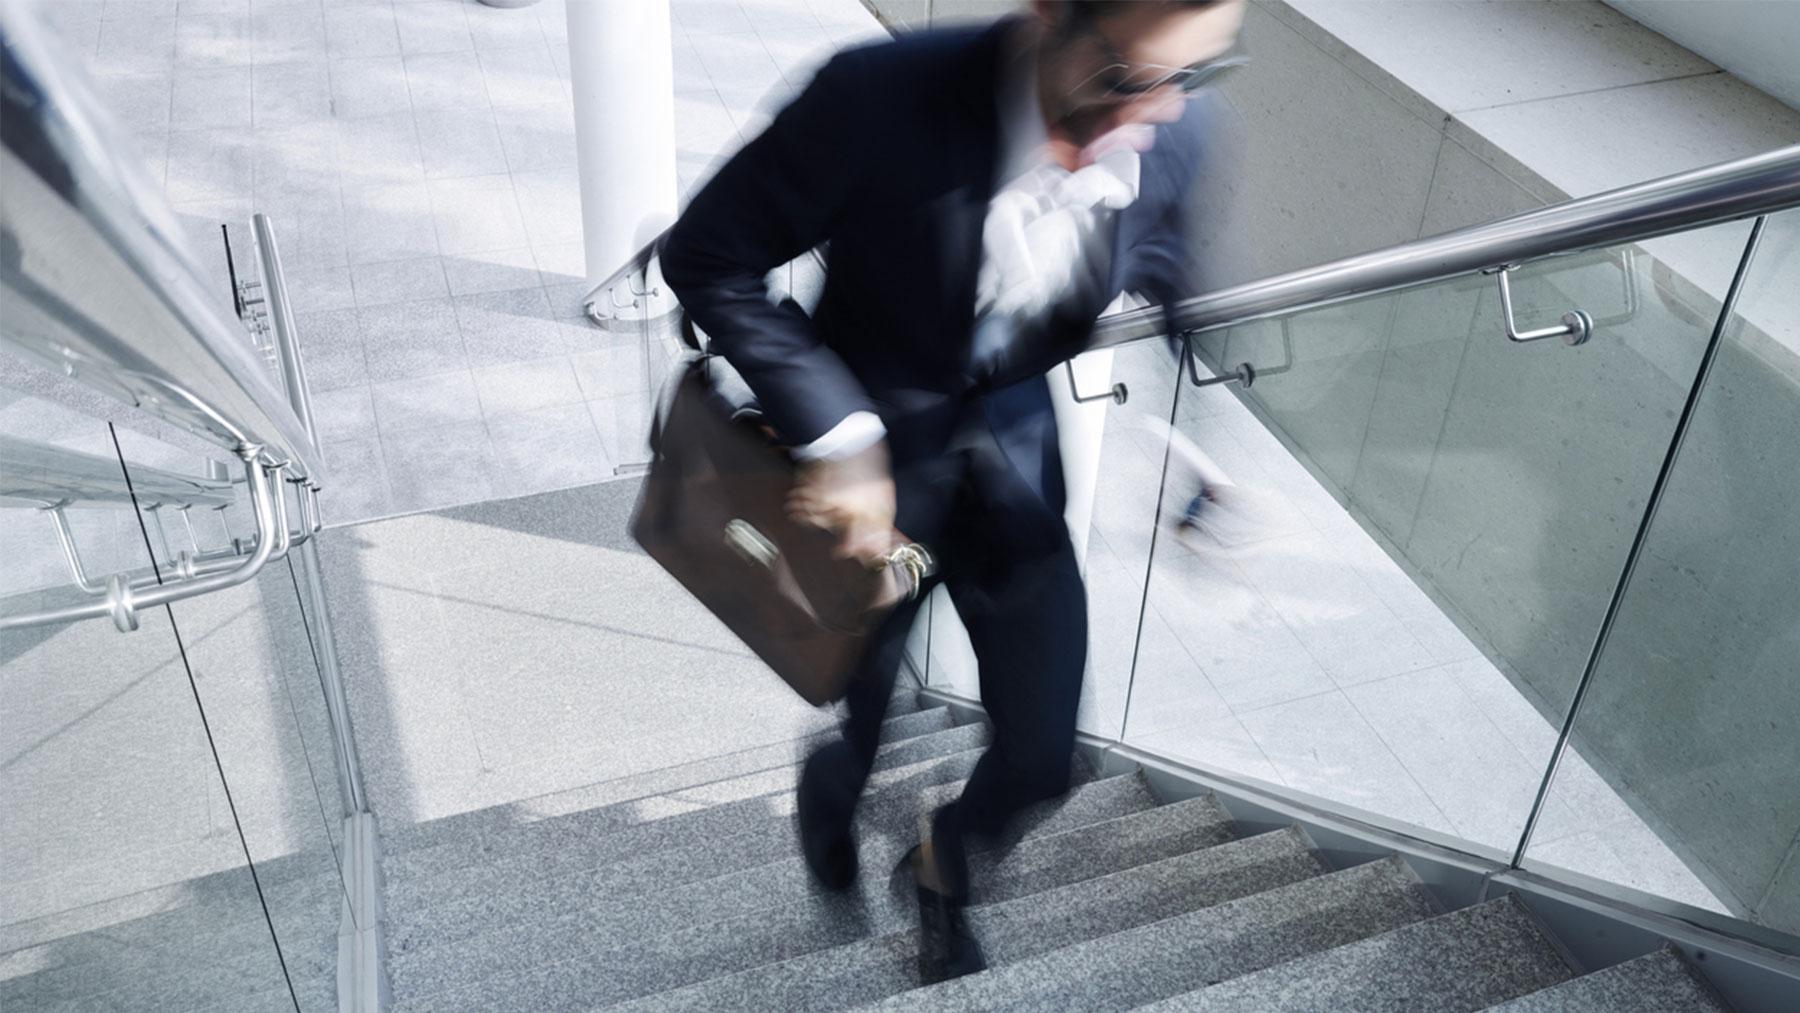 Foto van man in kostuum die een trap oploopt.